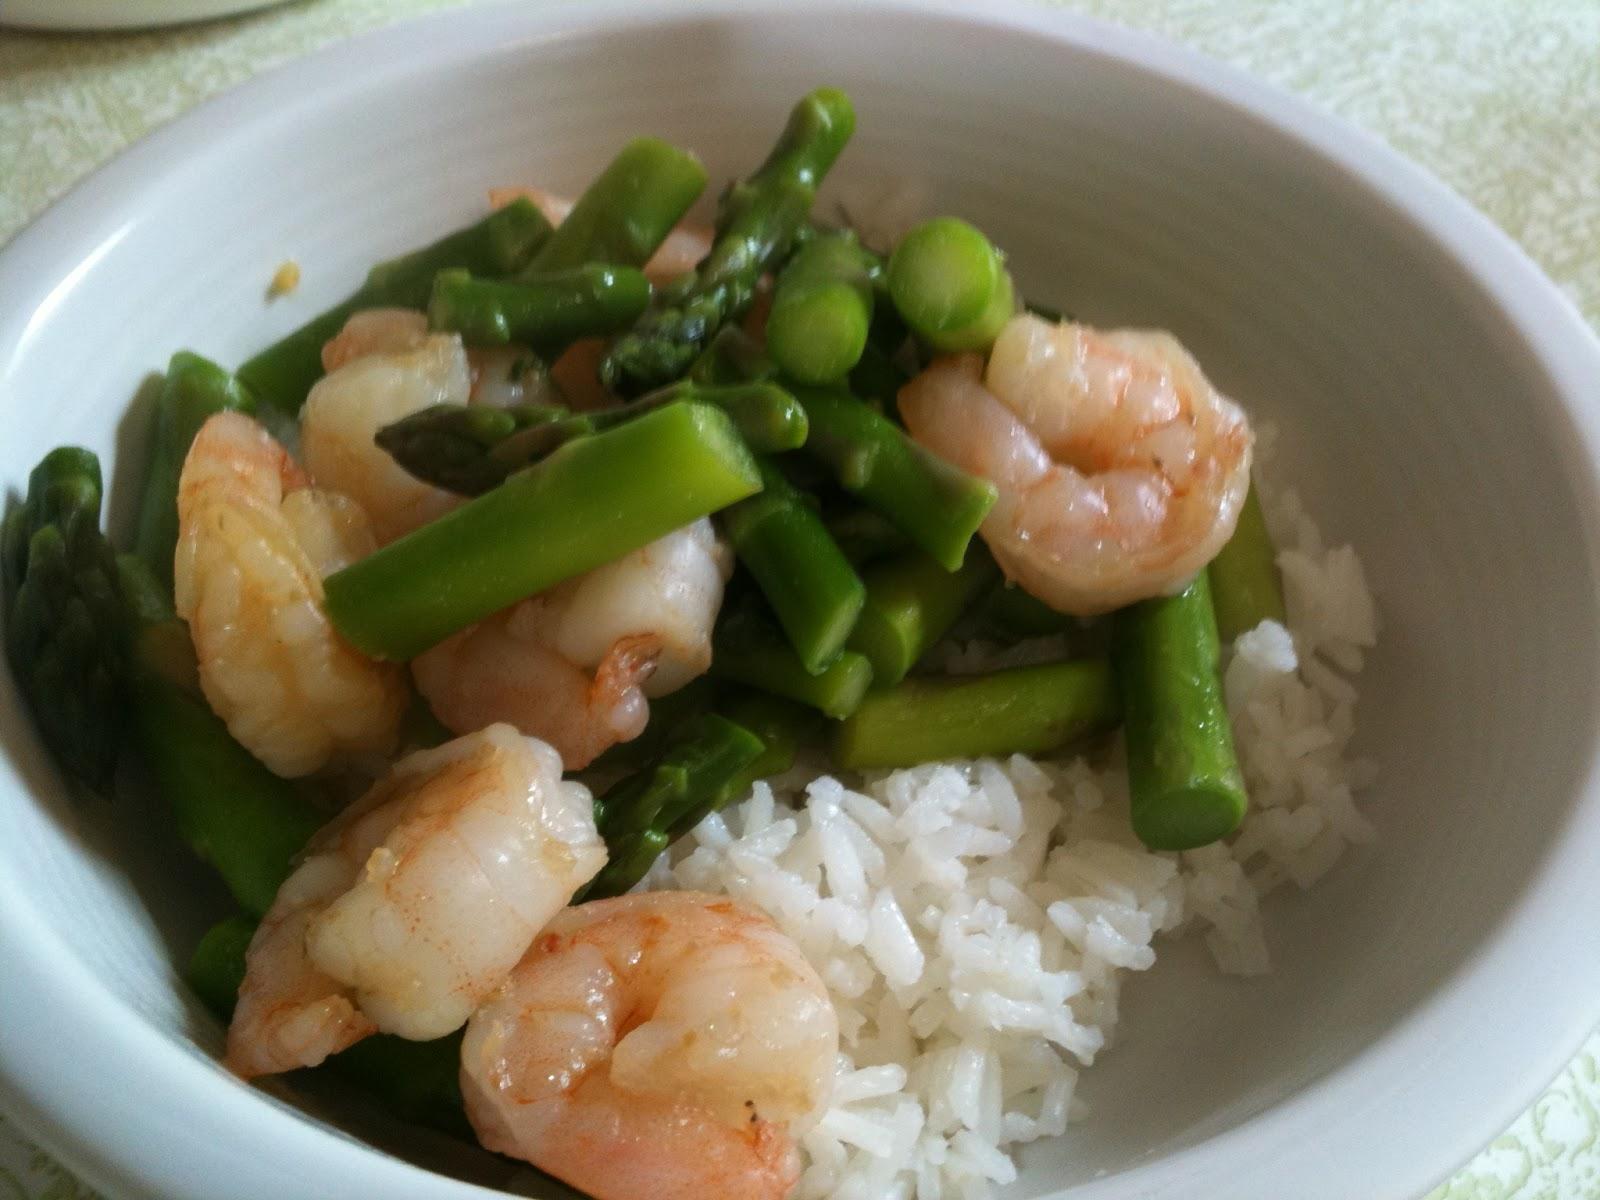 Holly Goes Lightly: Shrimp and Asparagus Stir Fry